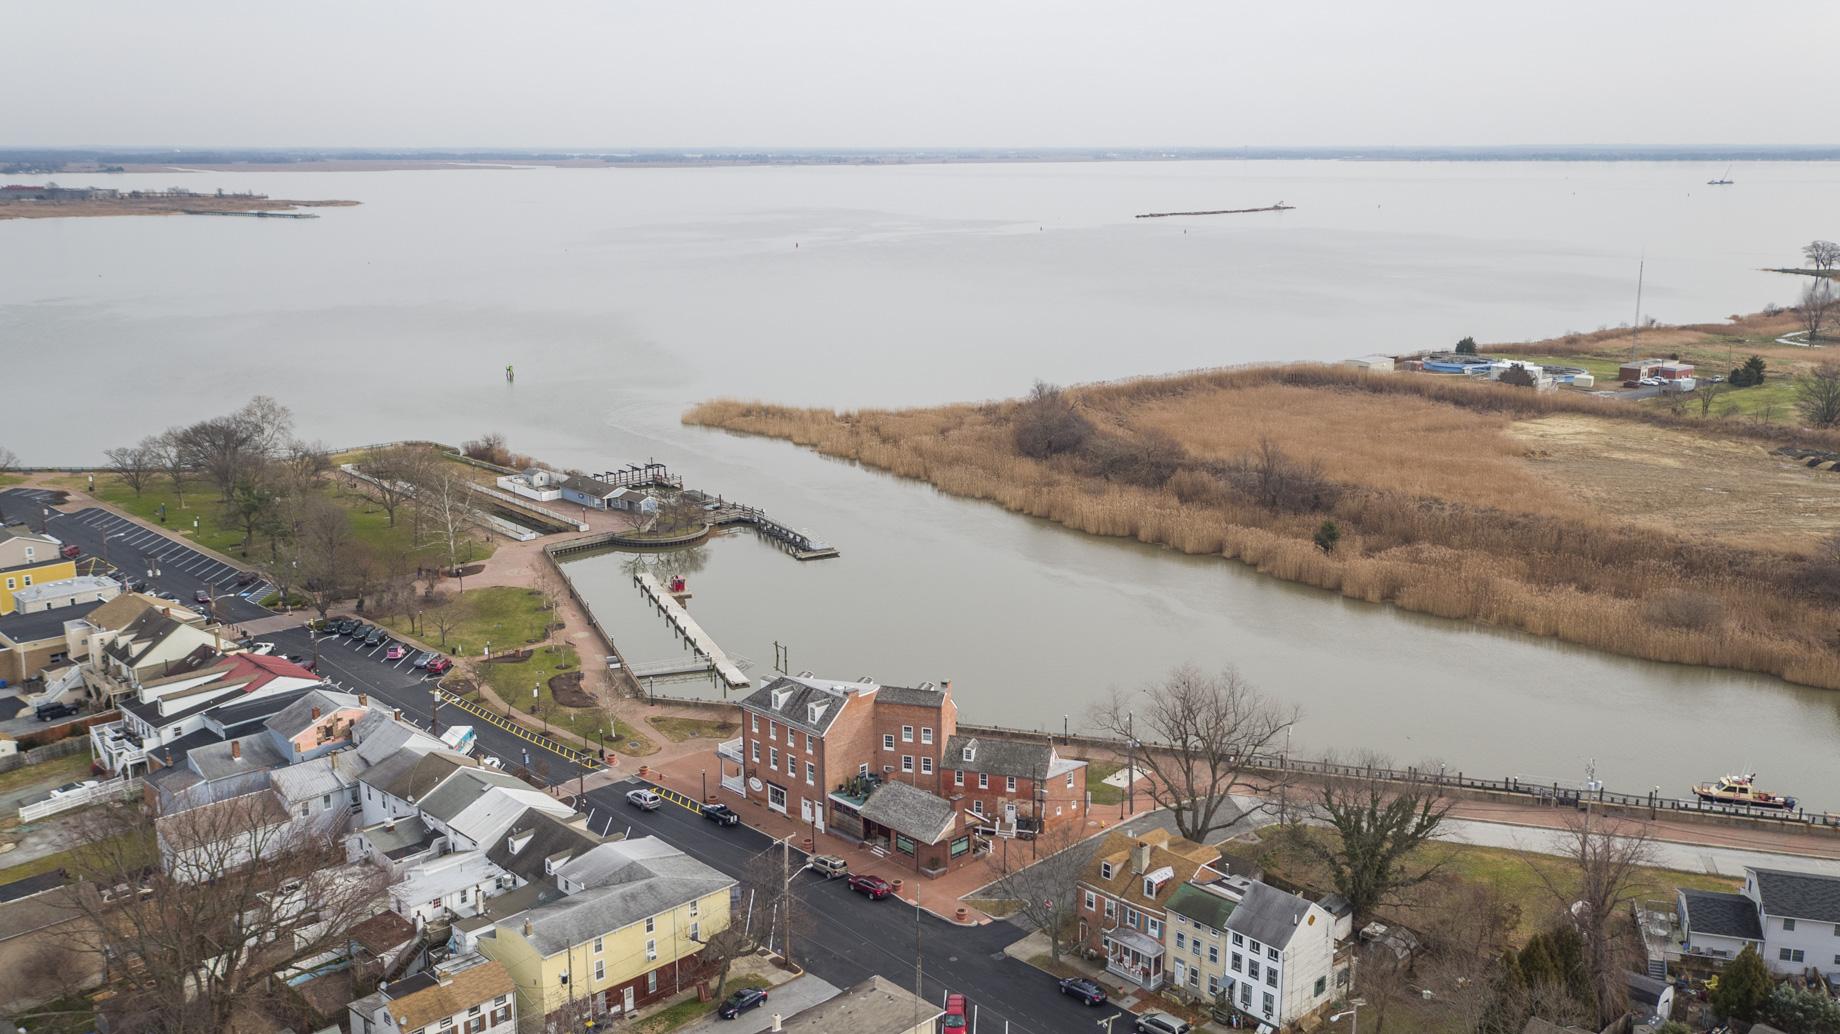 206 Jefferson St - Delaware City, Delaware